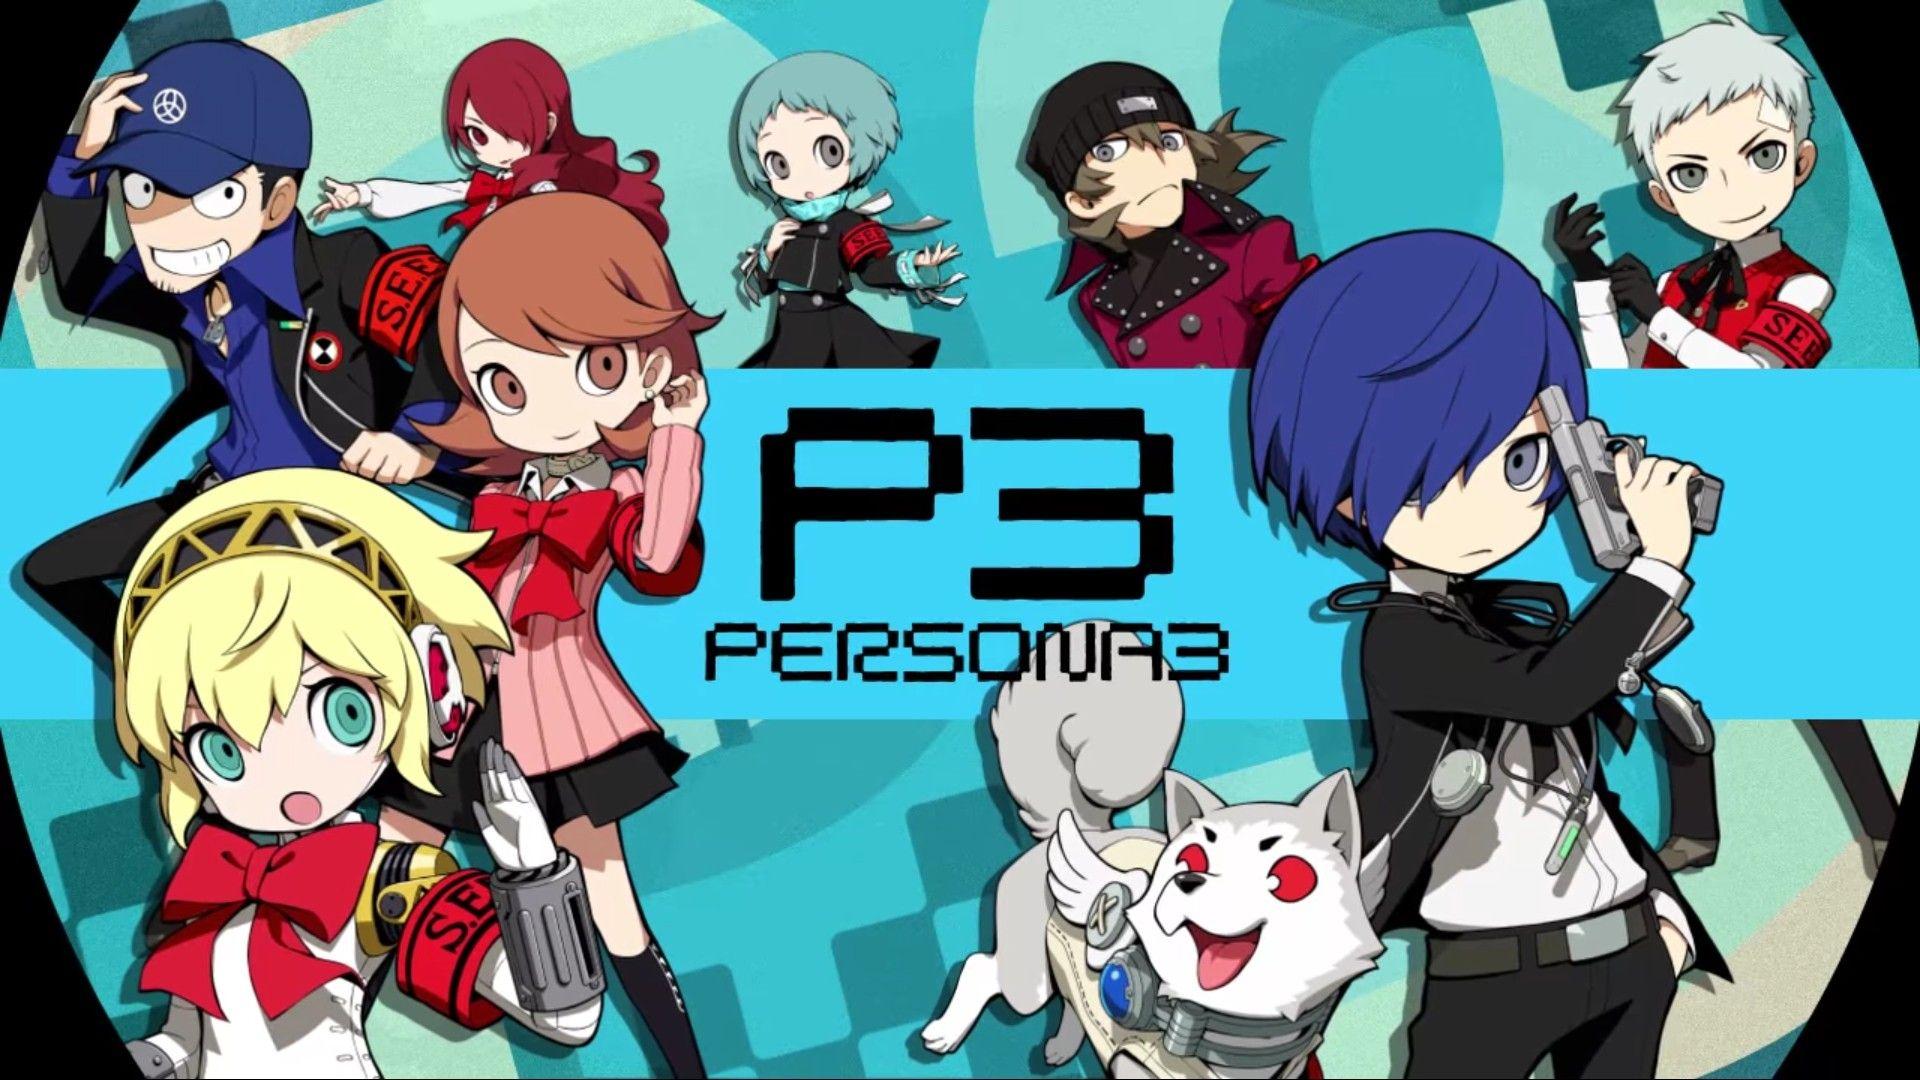 Persona Q2 New Cinema Labryinth - Persona 3 | Persona | Persona 5